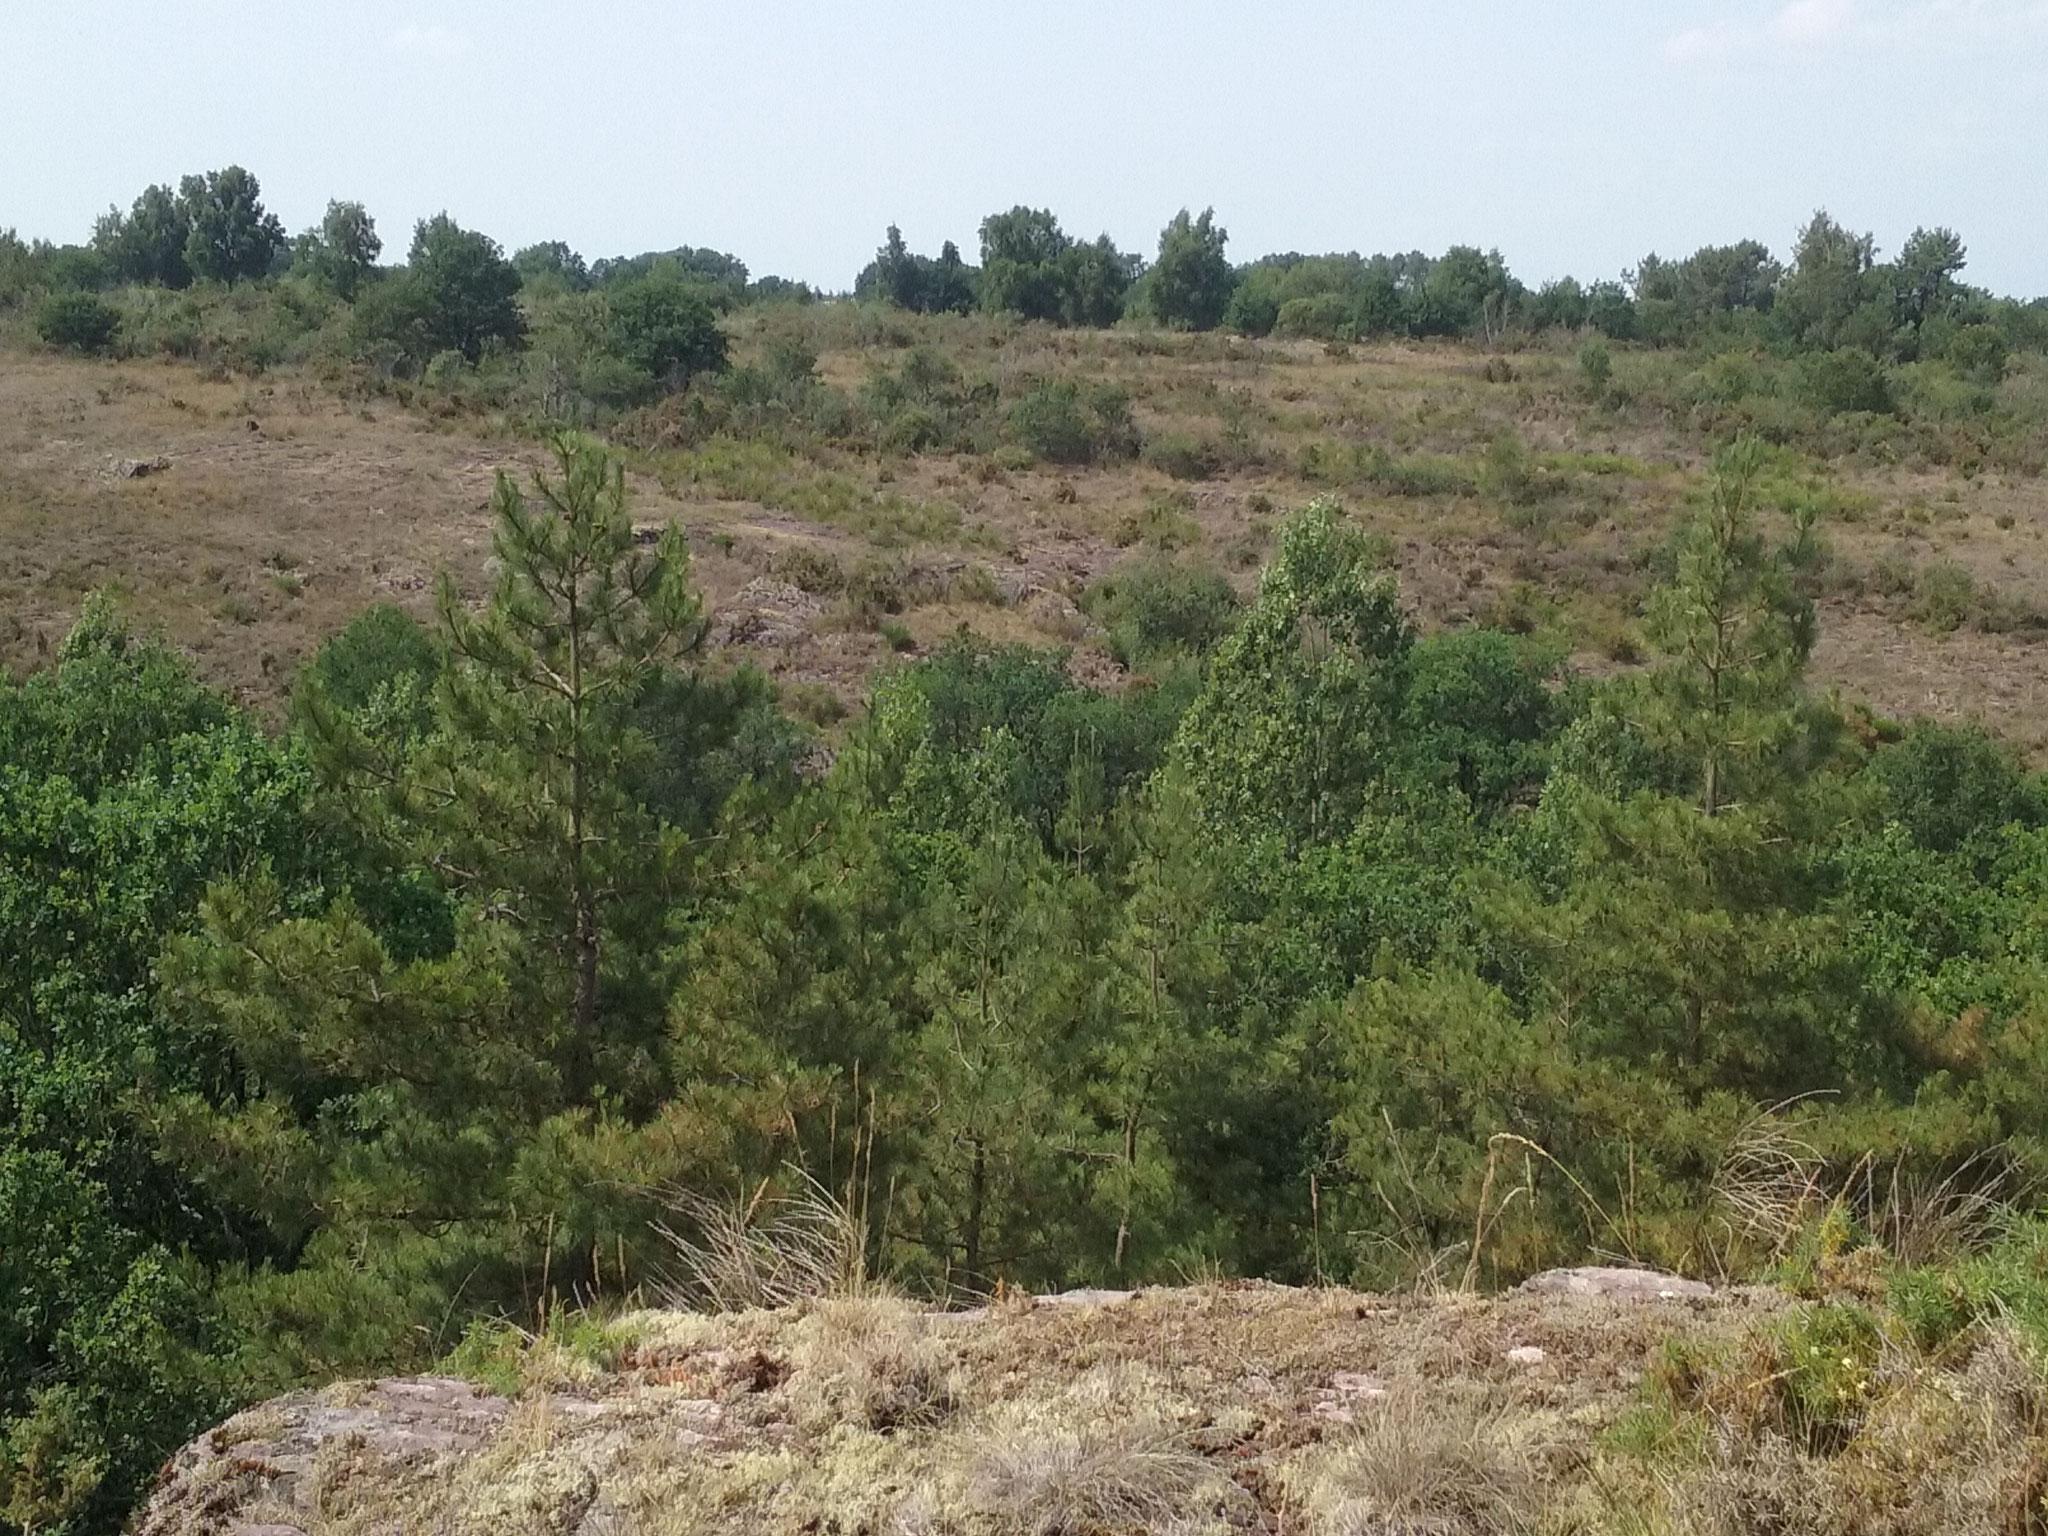 Vue des landes sèches et affleurements rocheux de l'ENS Vallée du Canut